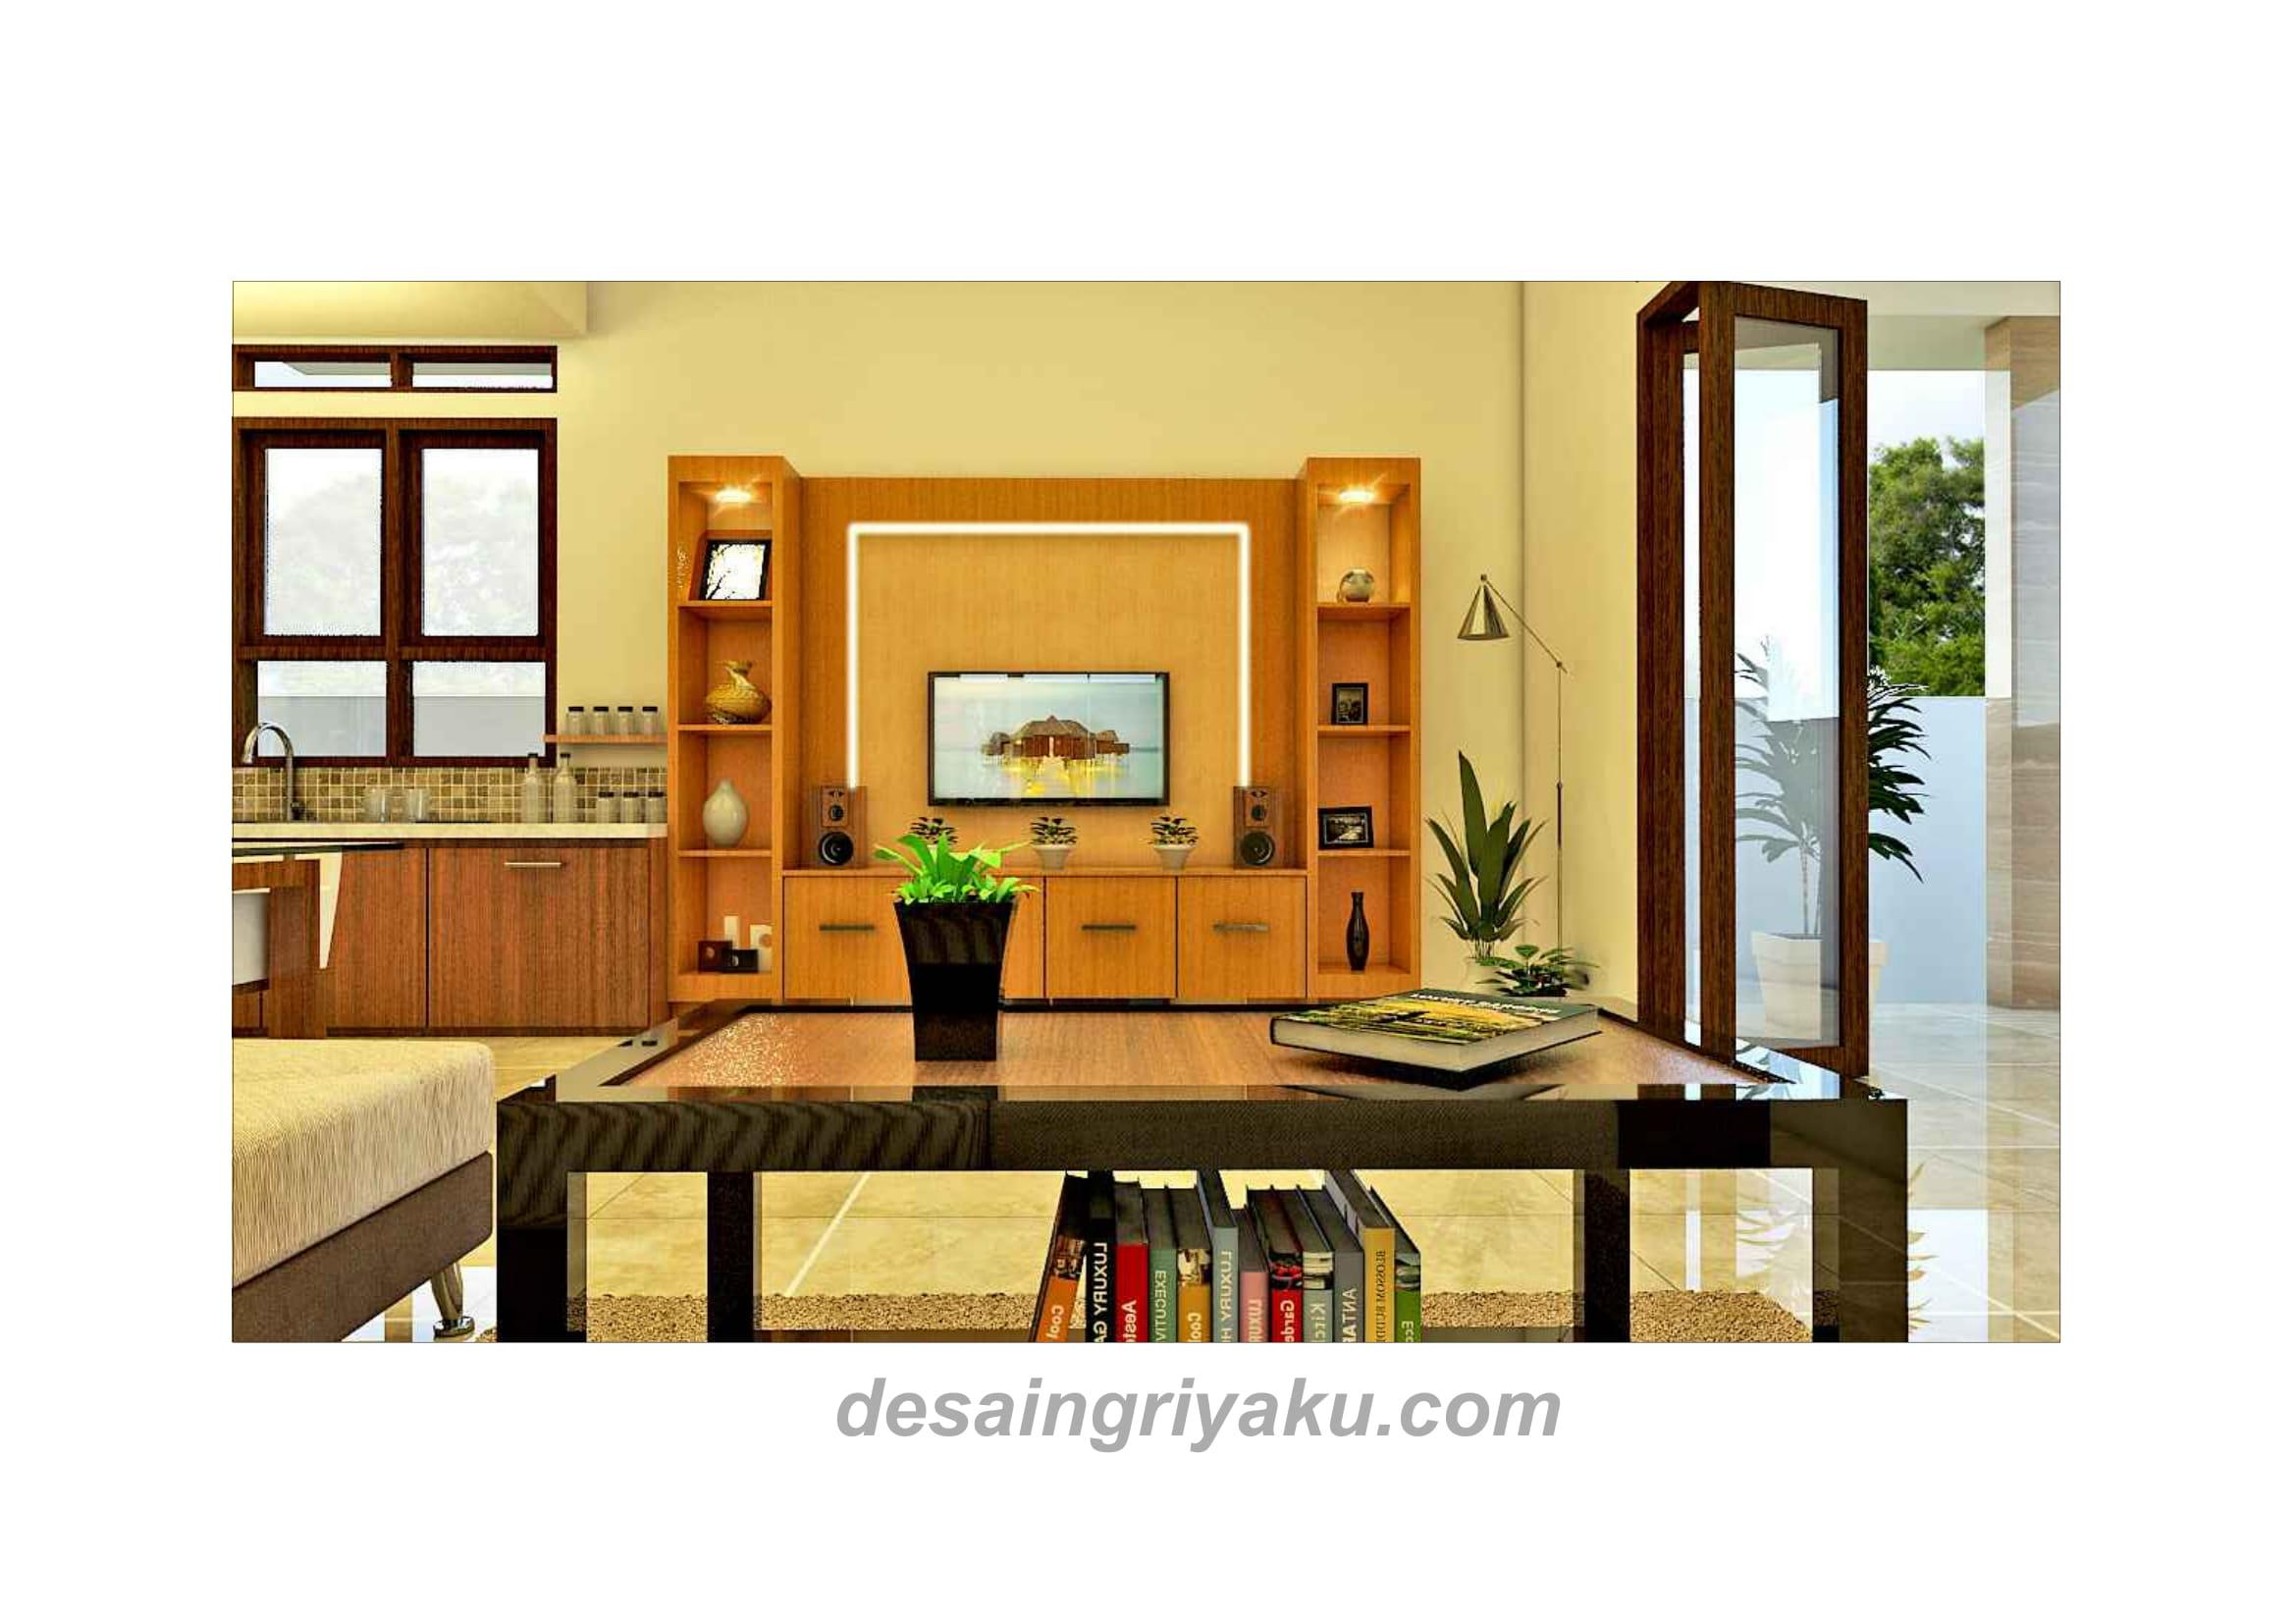 contoh perspektif interior